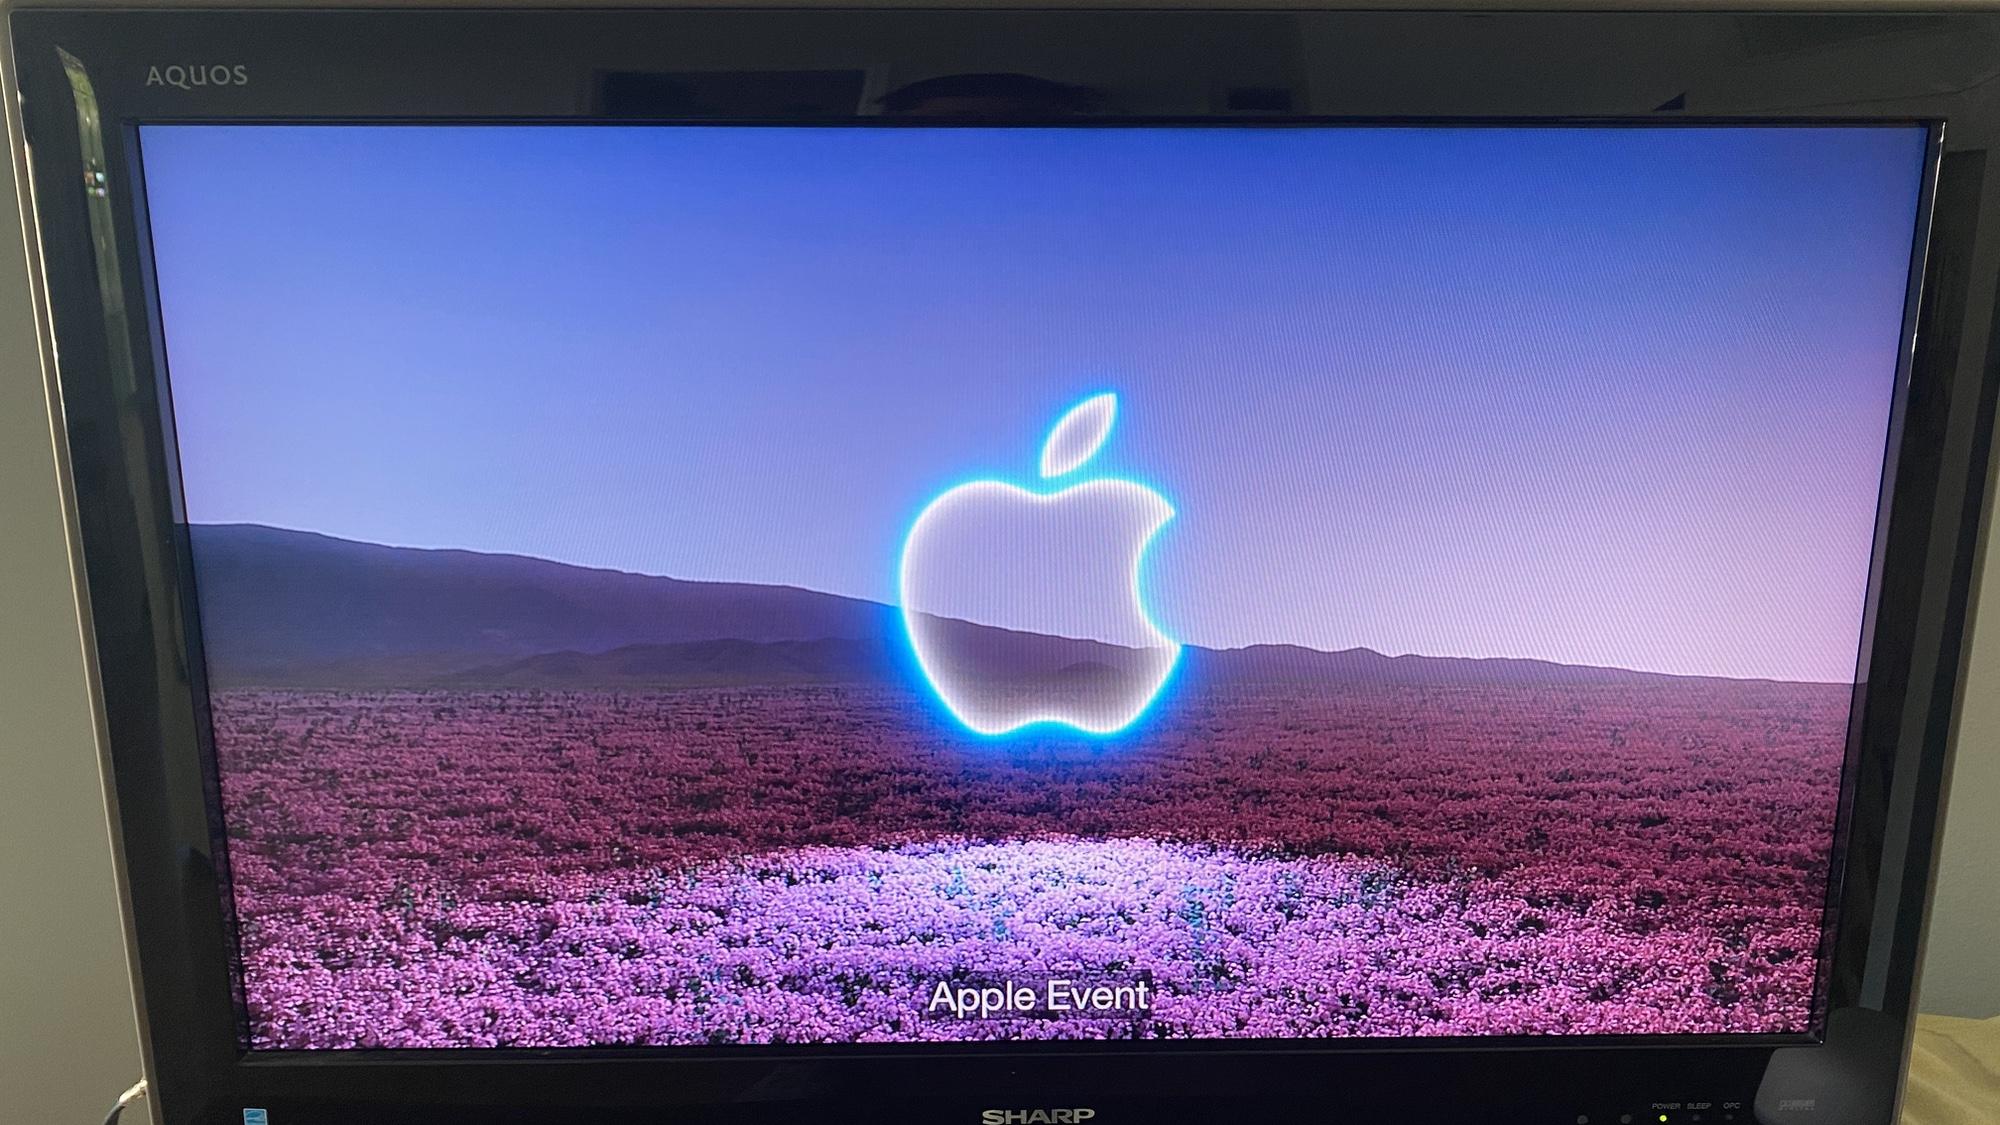 Apple September 2021 event